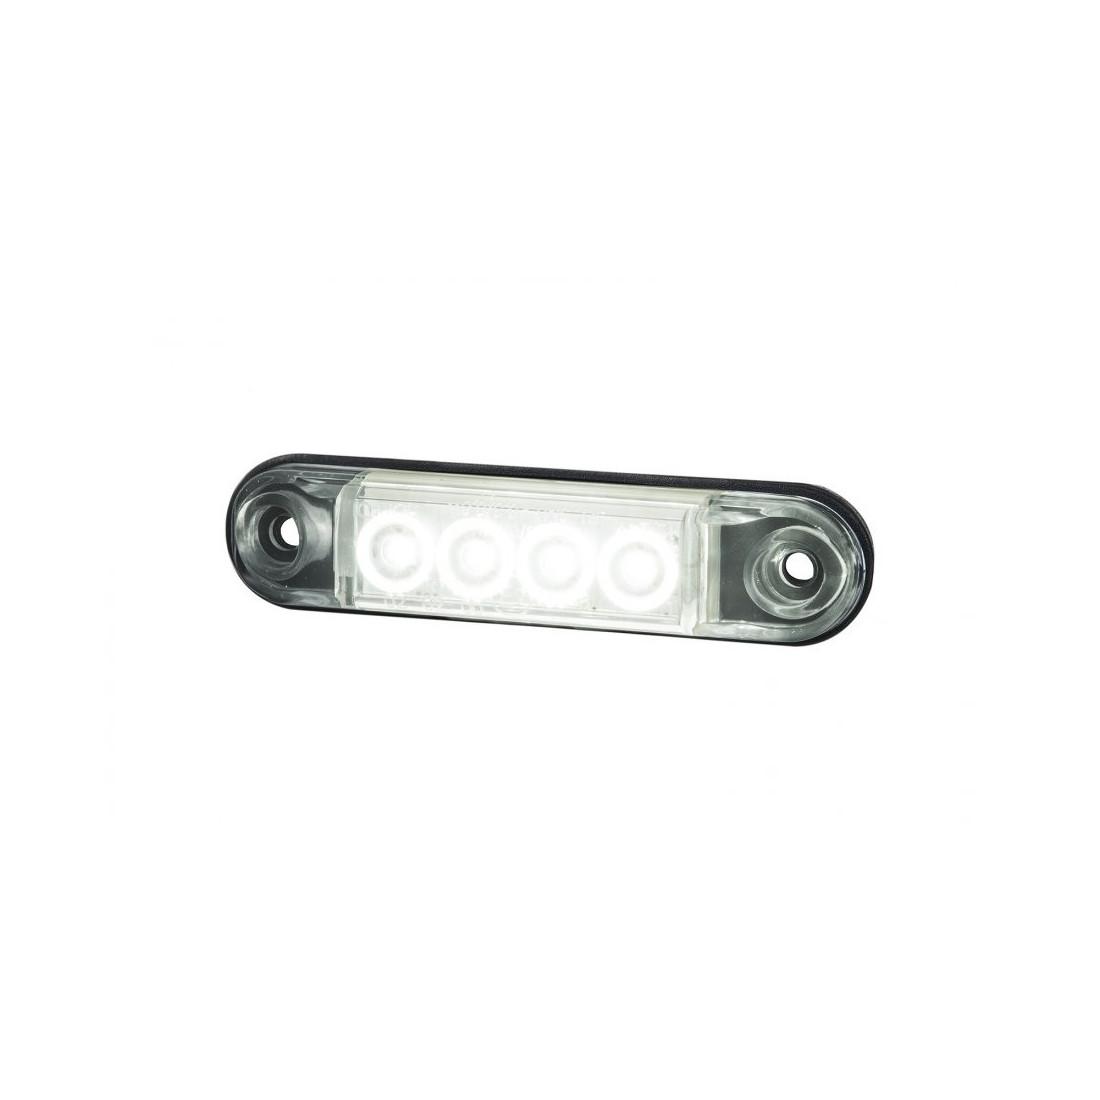 Marker light LED white SLIM